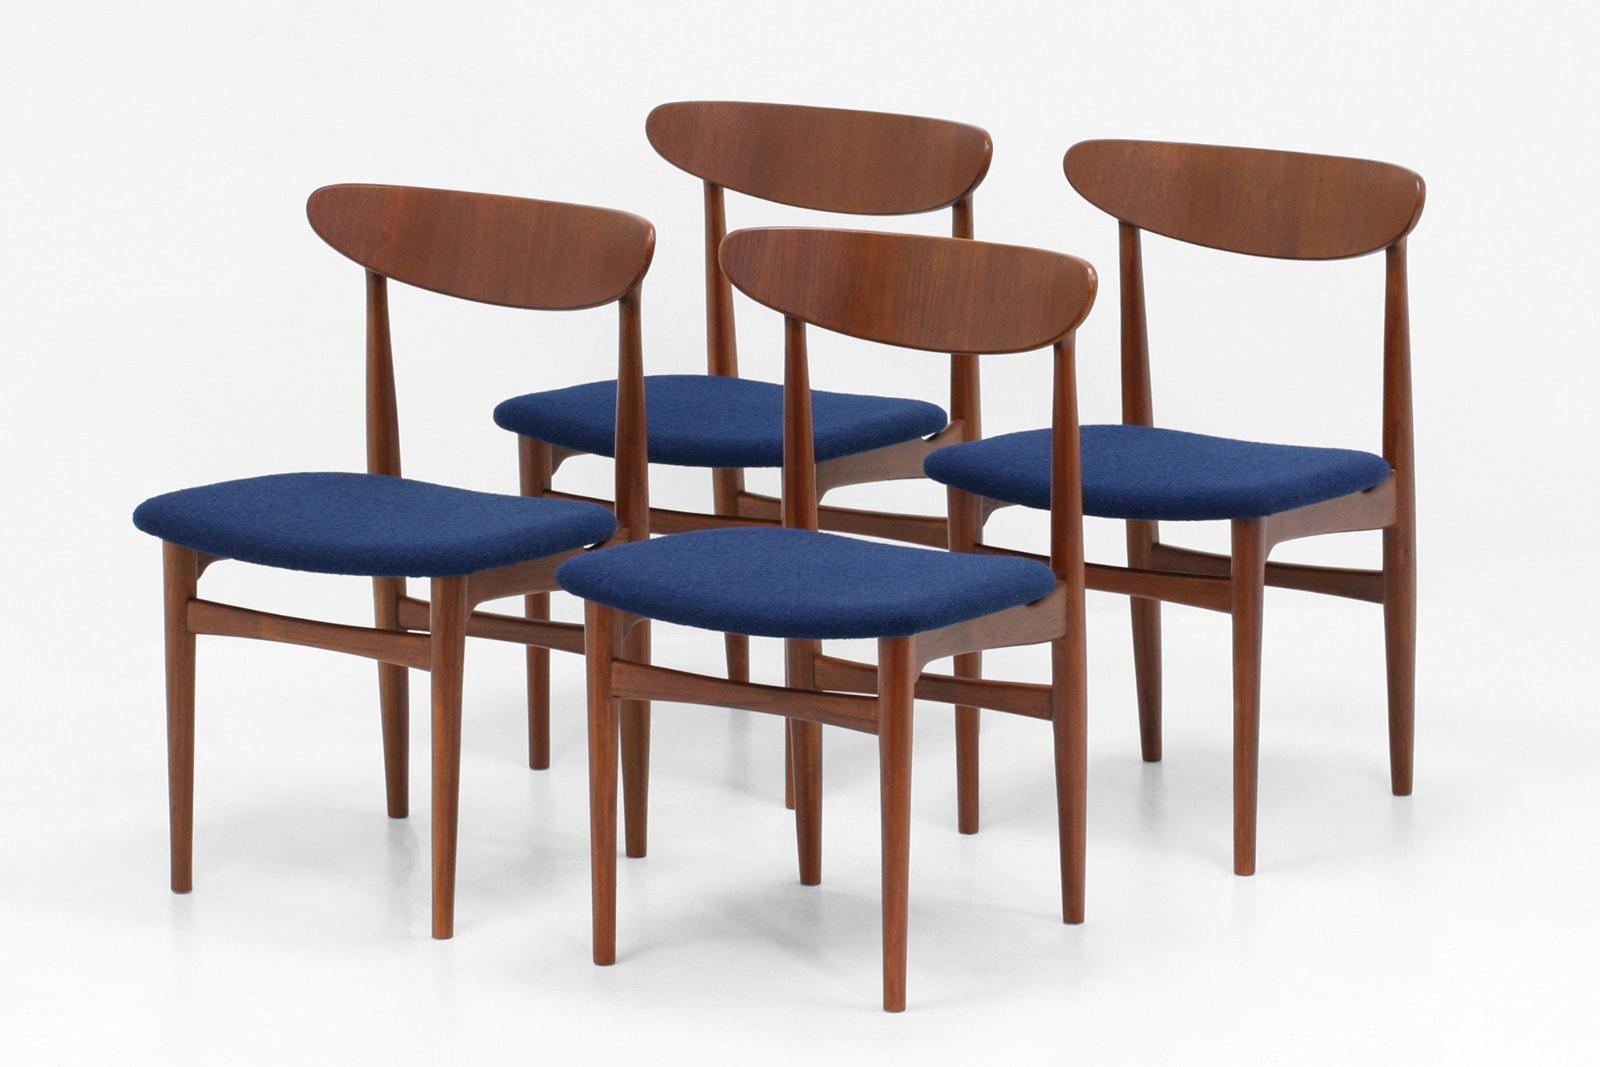 北欧,デザイン,家具,クロッケン,チーク材,ダイニングチェア,4脚,セット